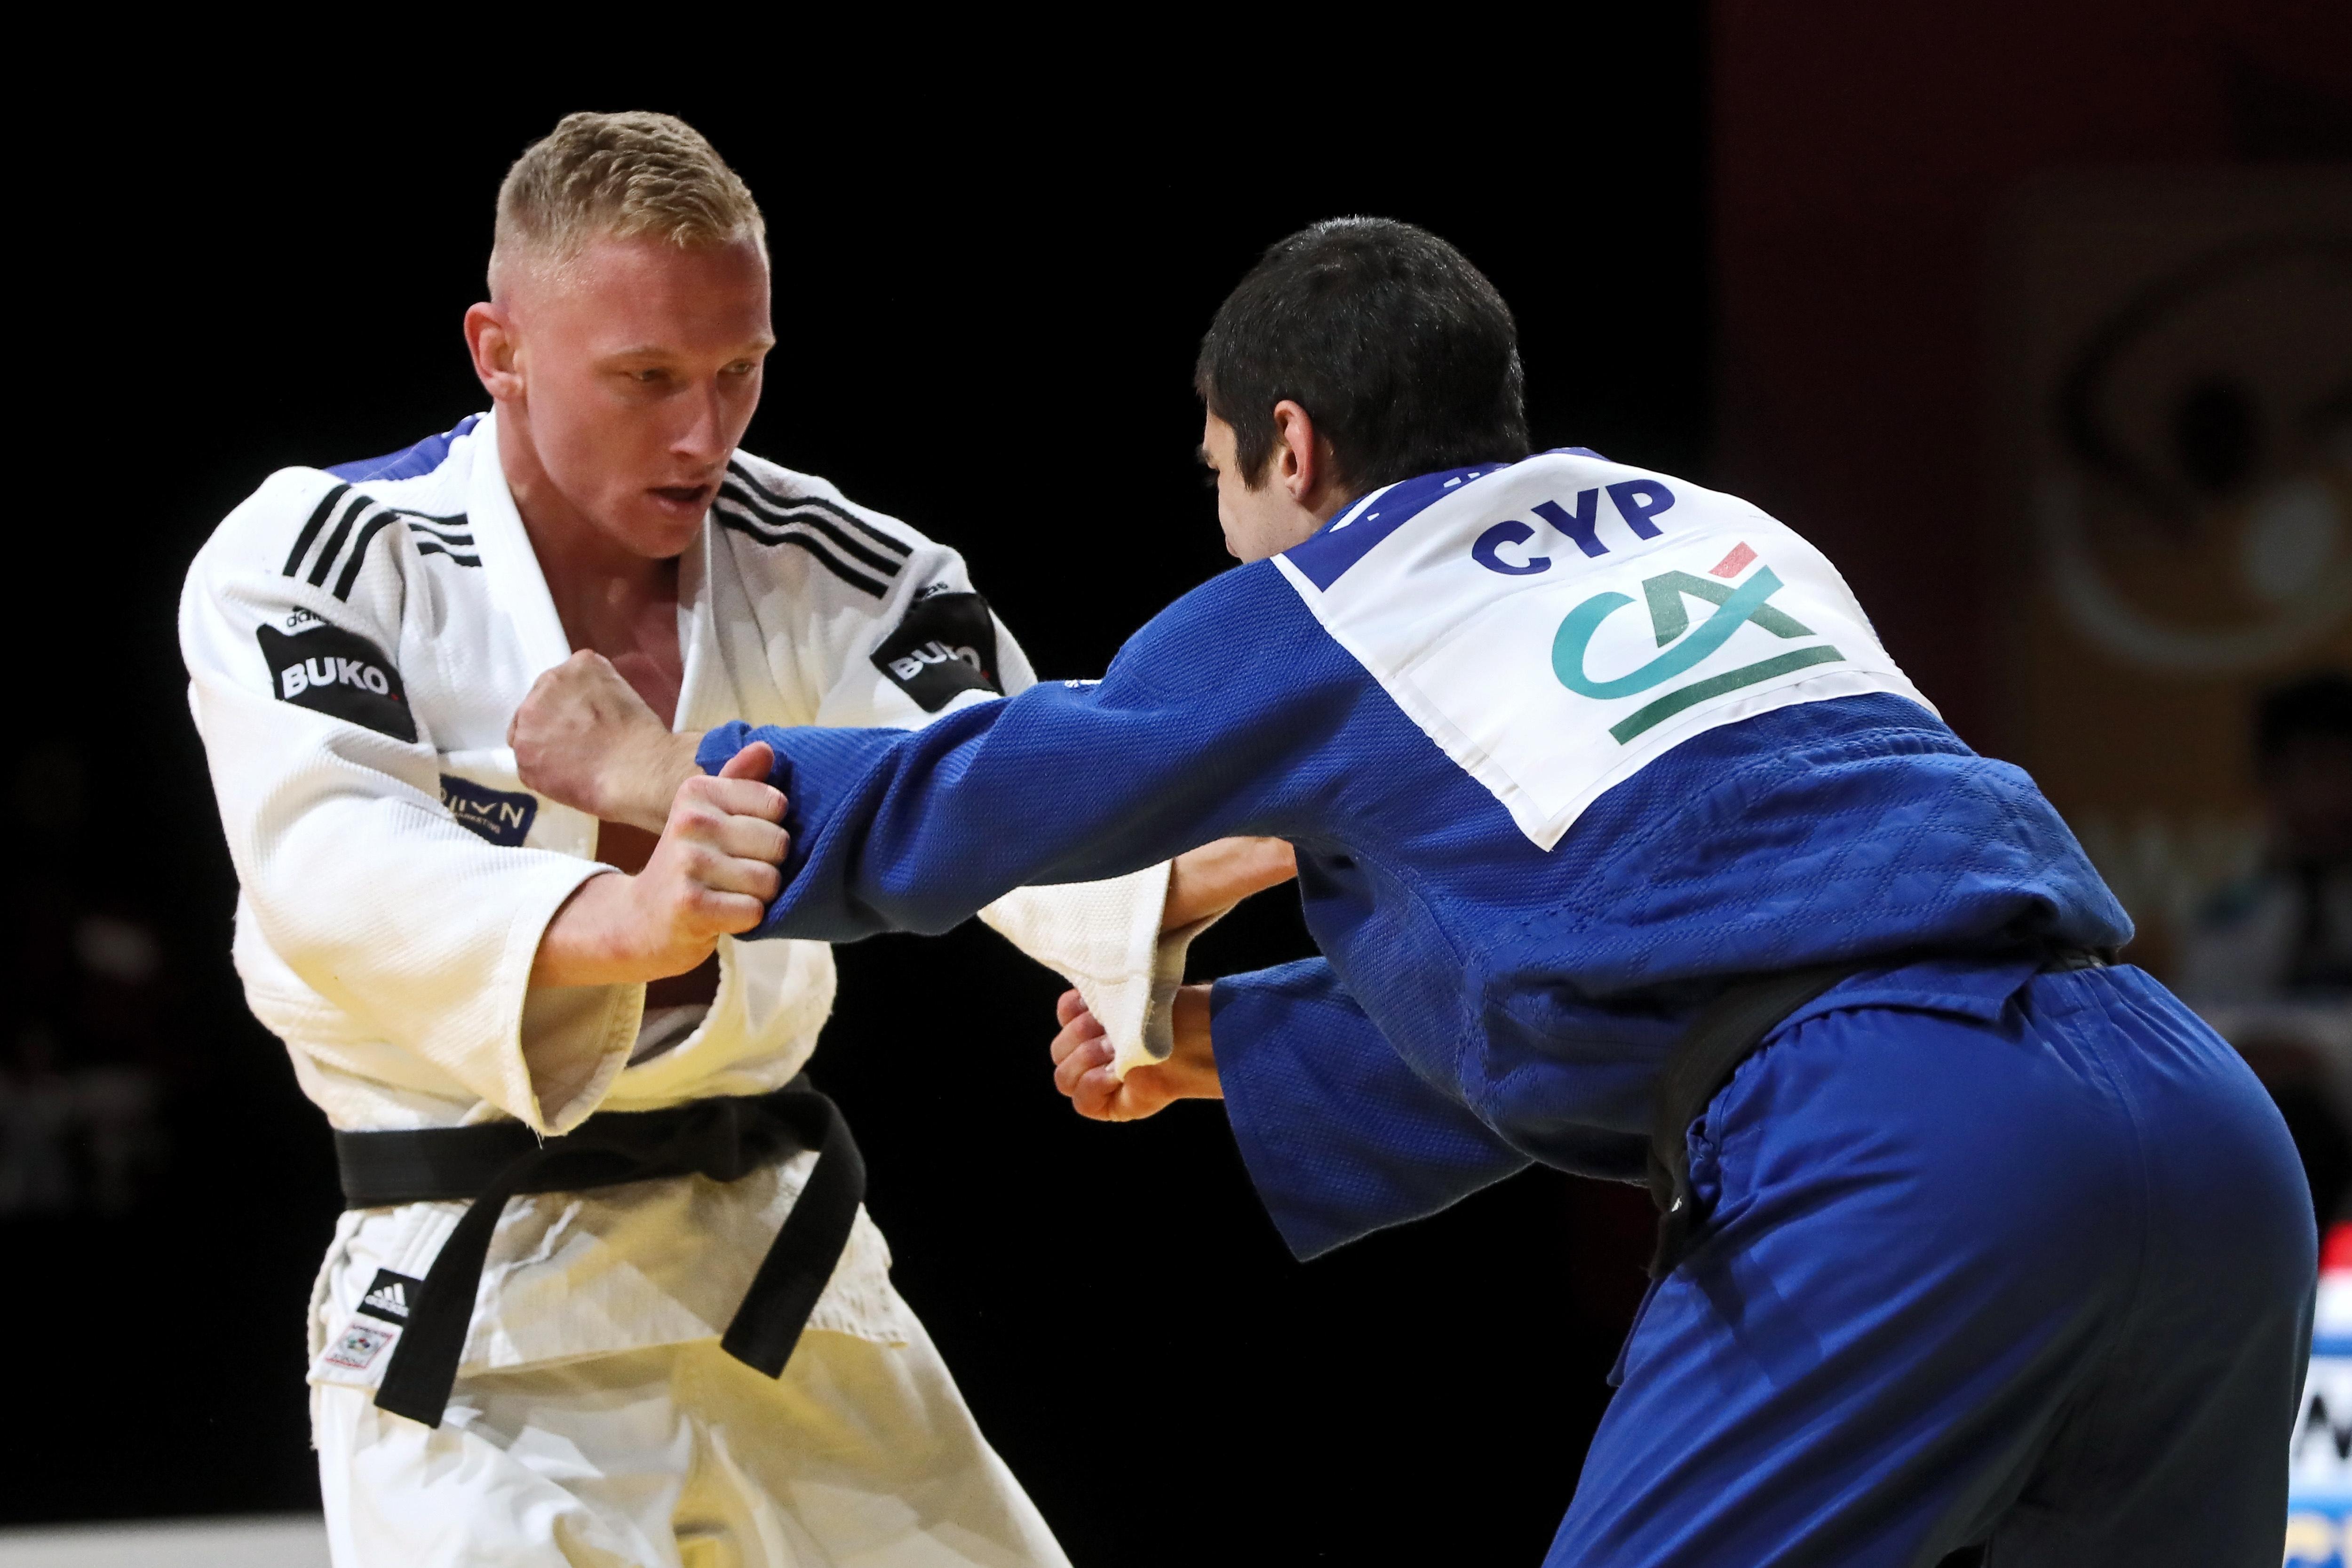 Judoka Frank de Wit grijpt naast brons op eerste grote toernooi na ruim acht maanden coronapauze